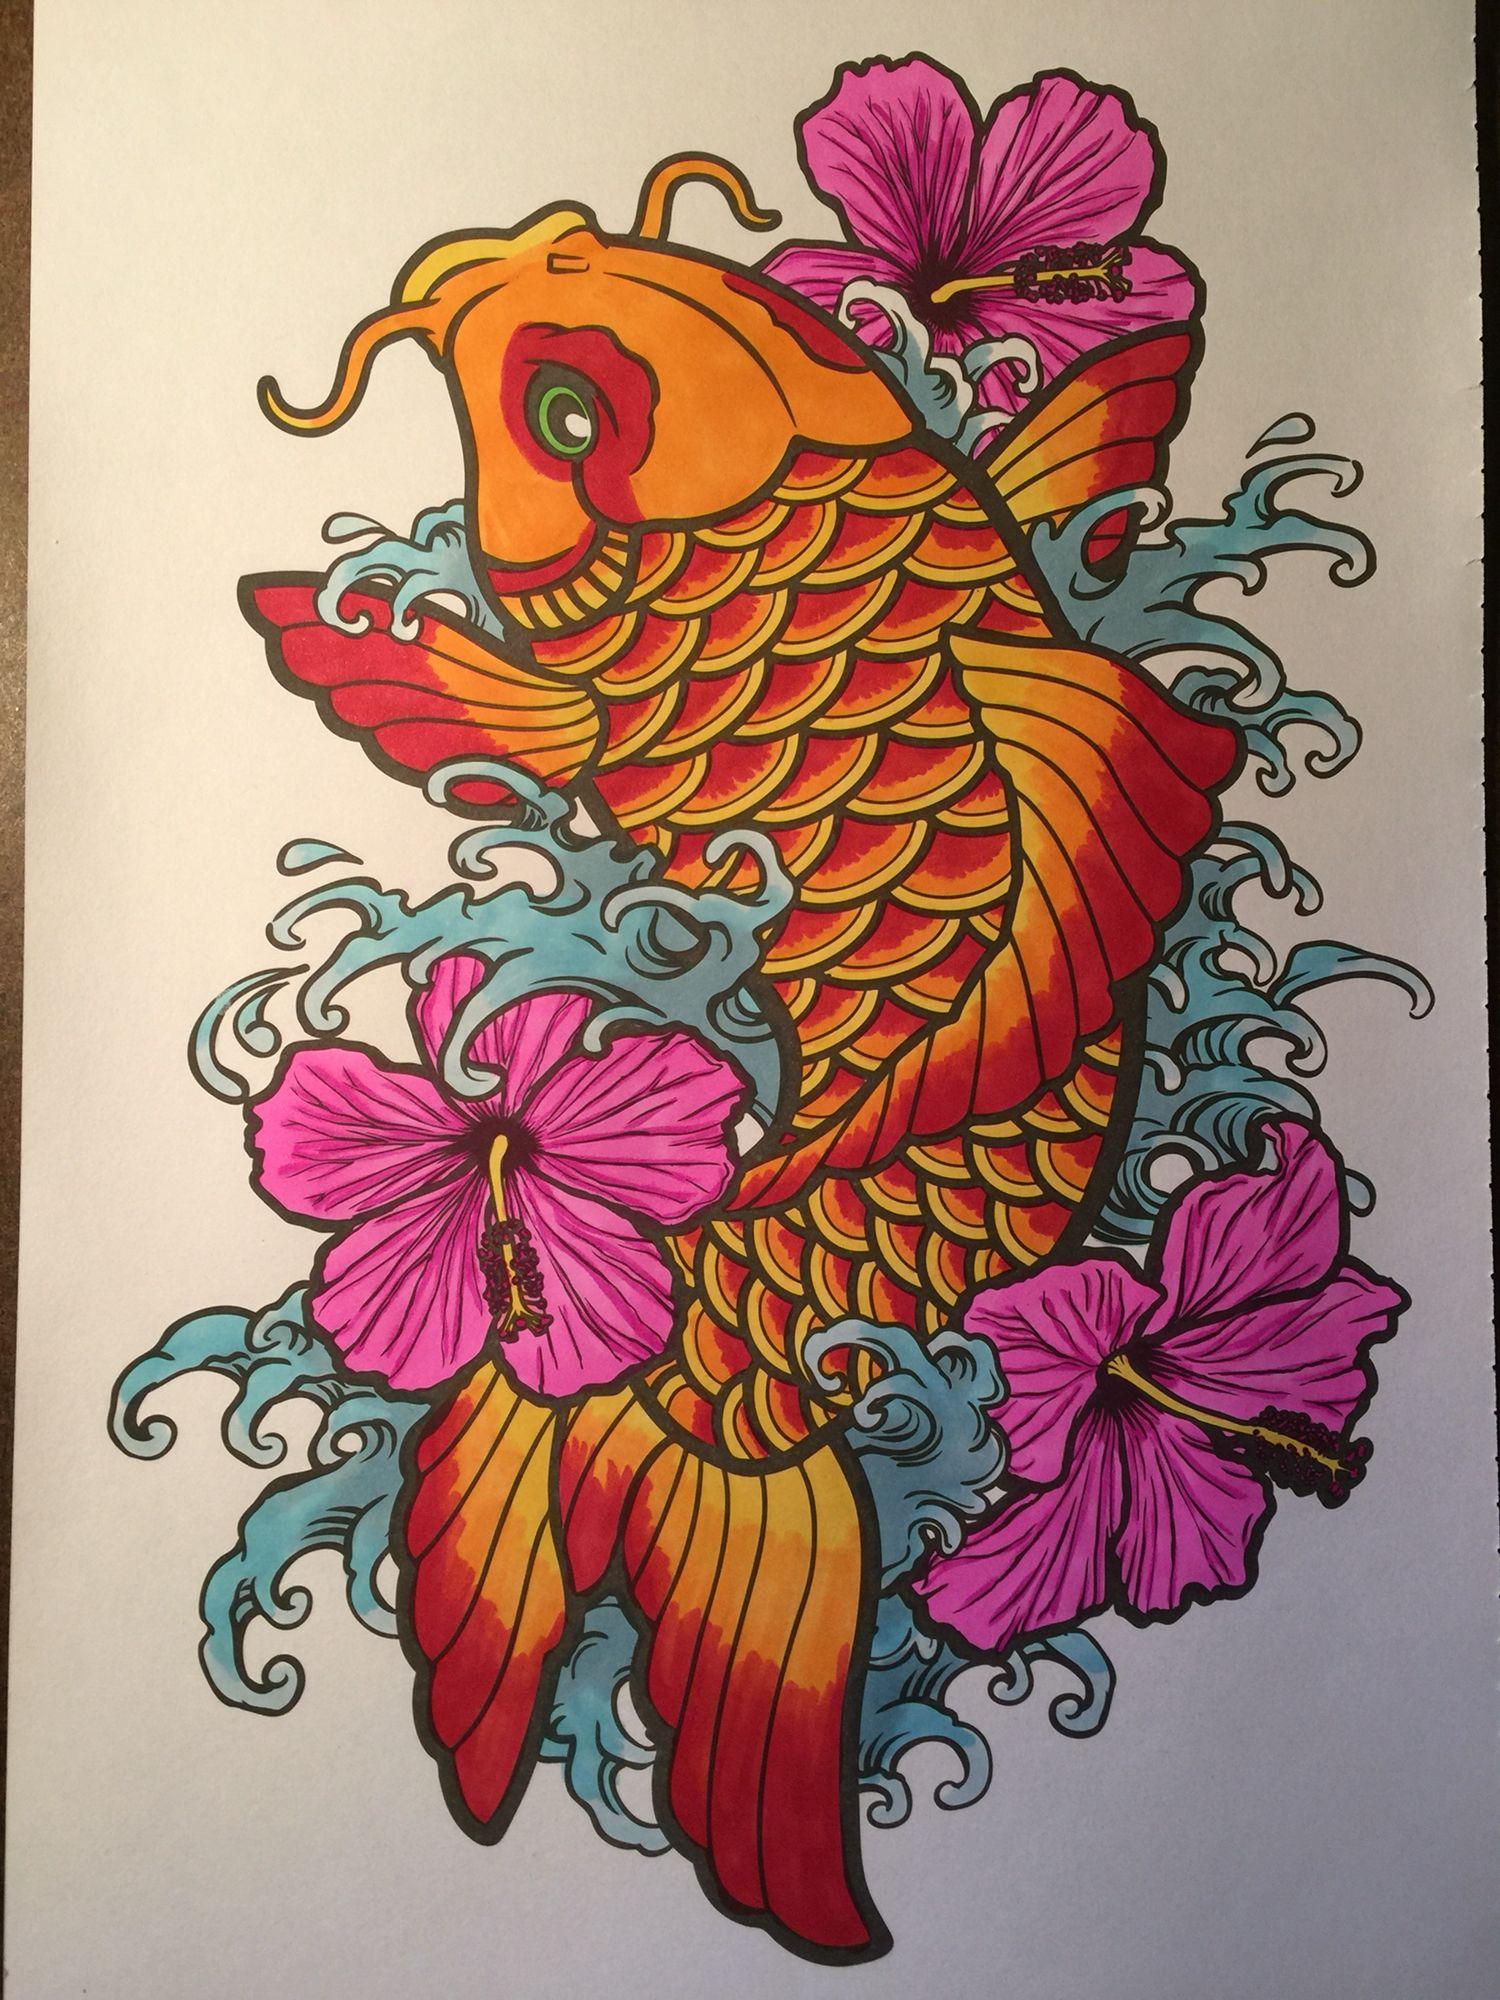 Tat Book Carpa Oriental Designs De Tatuagem Desenho